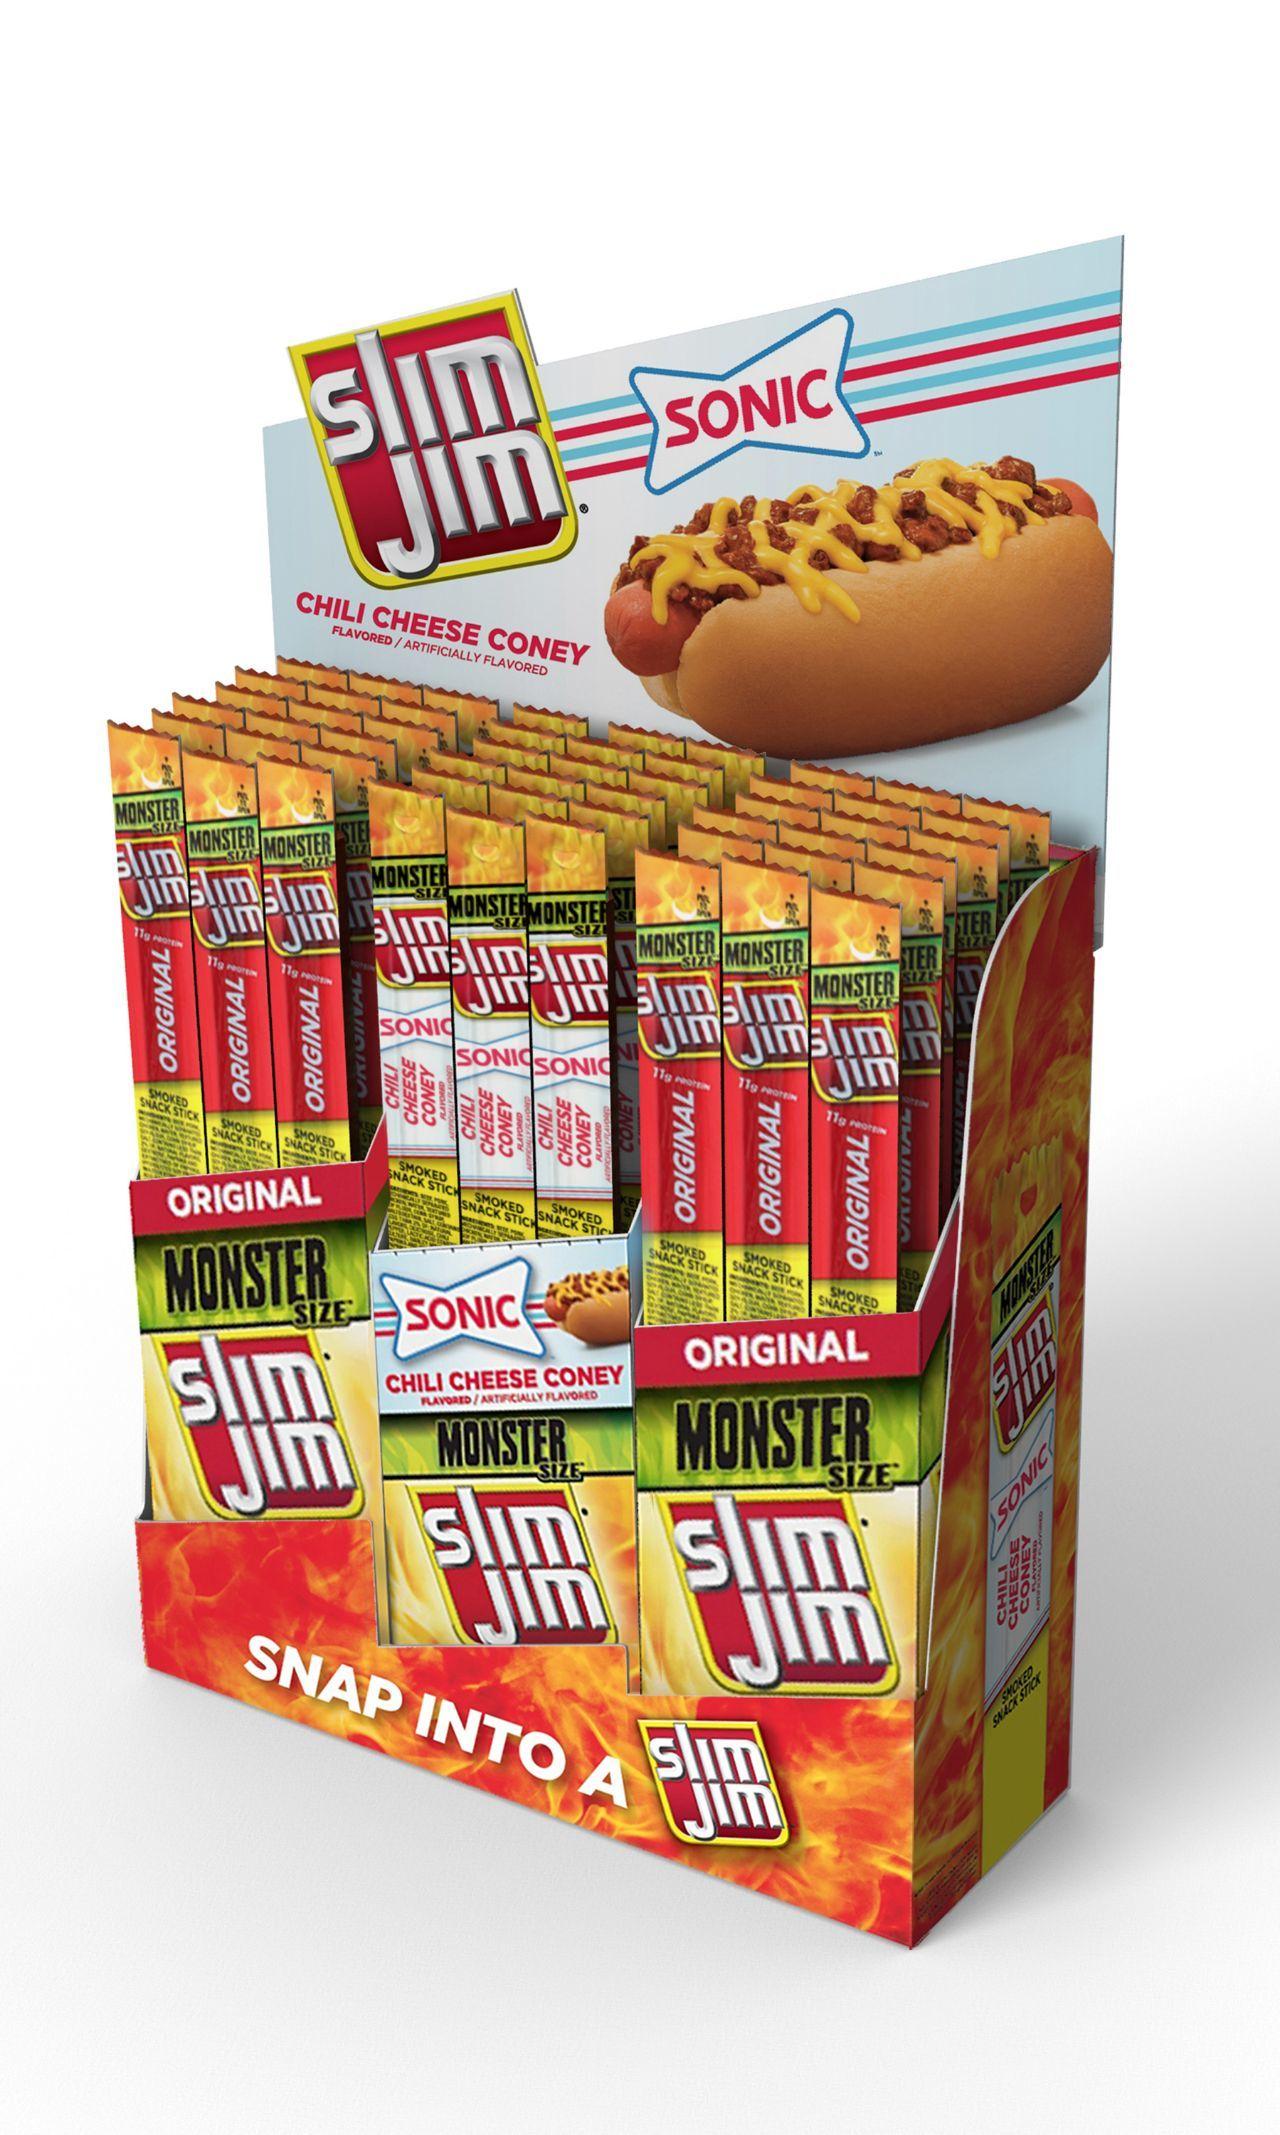 SONIC Chili Cheese Coney Flavored Slim Jim